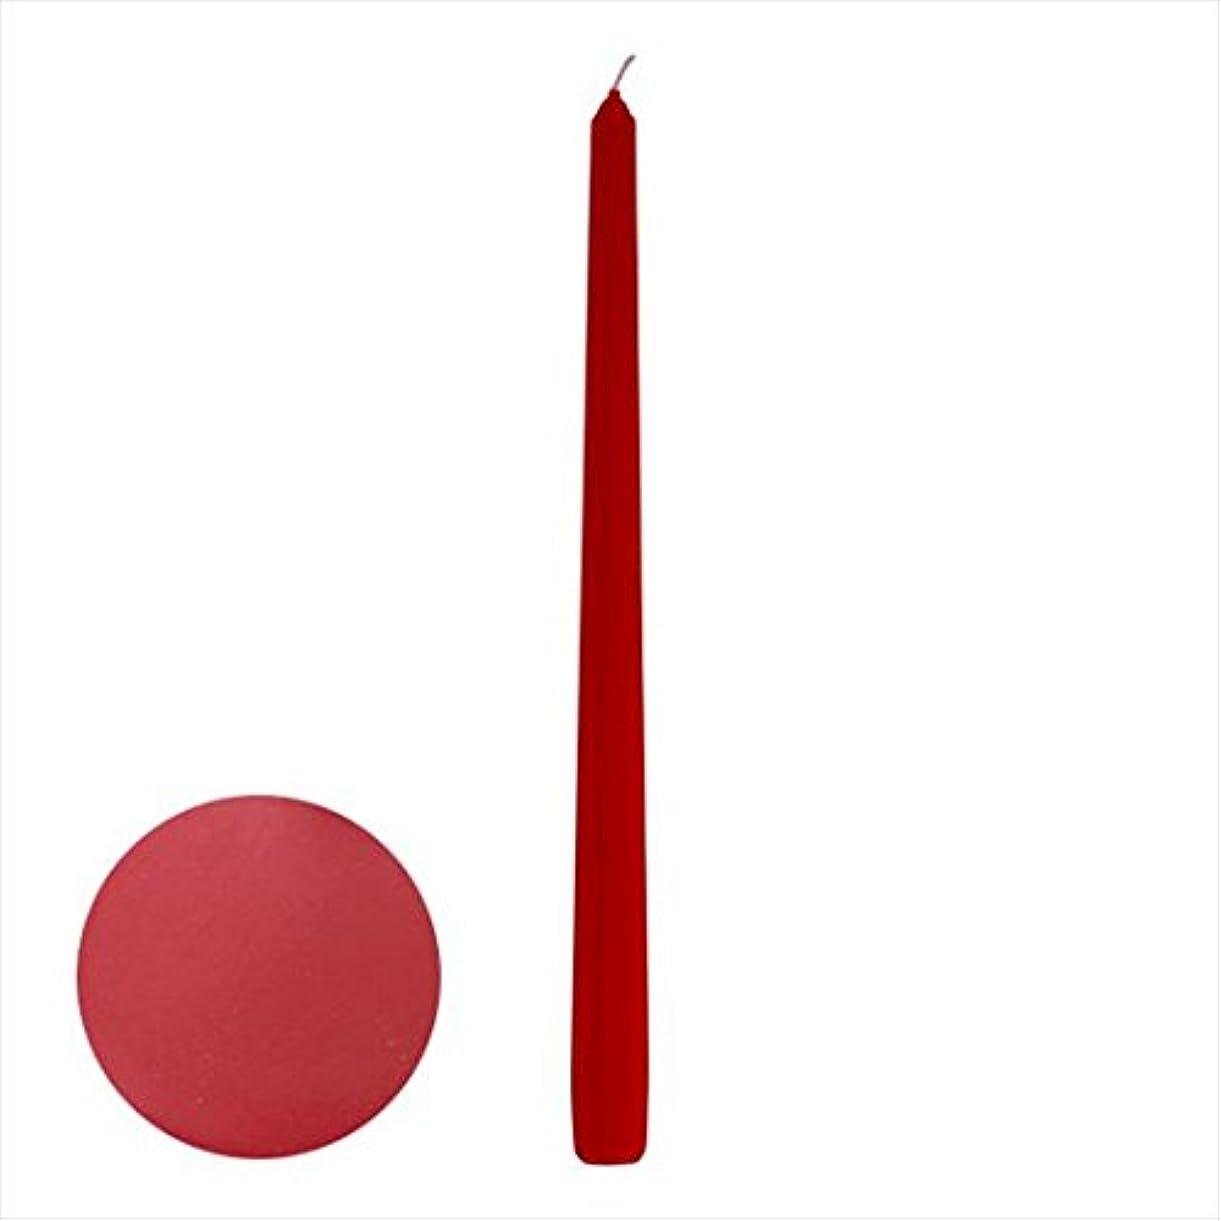 ロードブロッキング後者孤独なカメヤマキャンドル(kameyama candle) 12インチテーパー 「 ダークレッド 」 12本入り